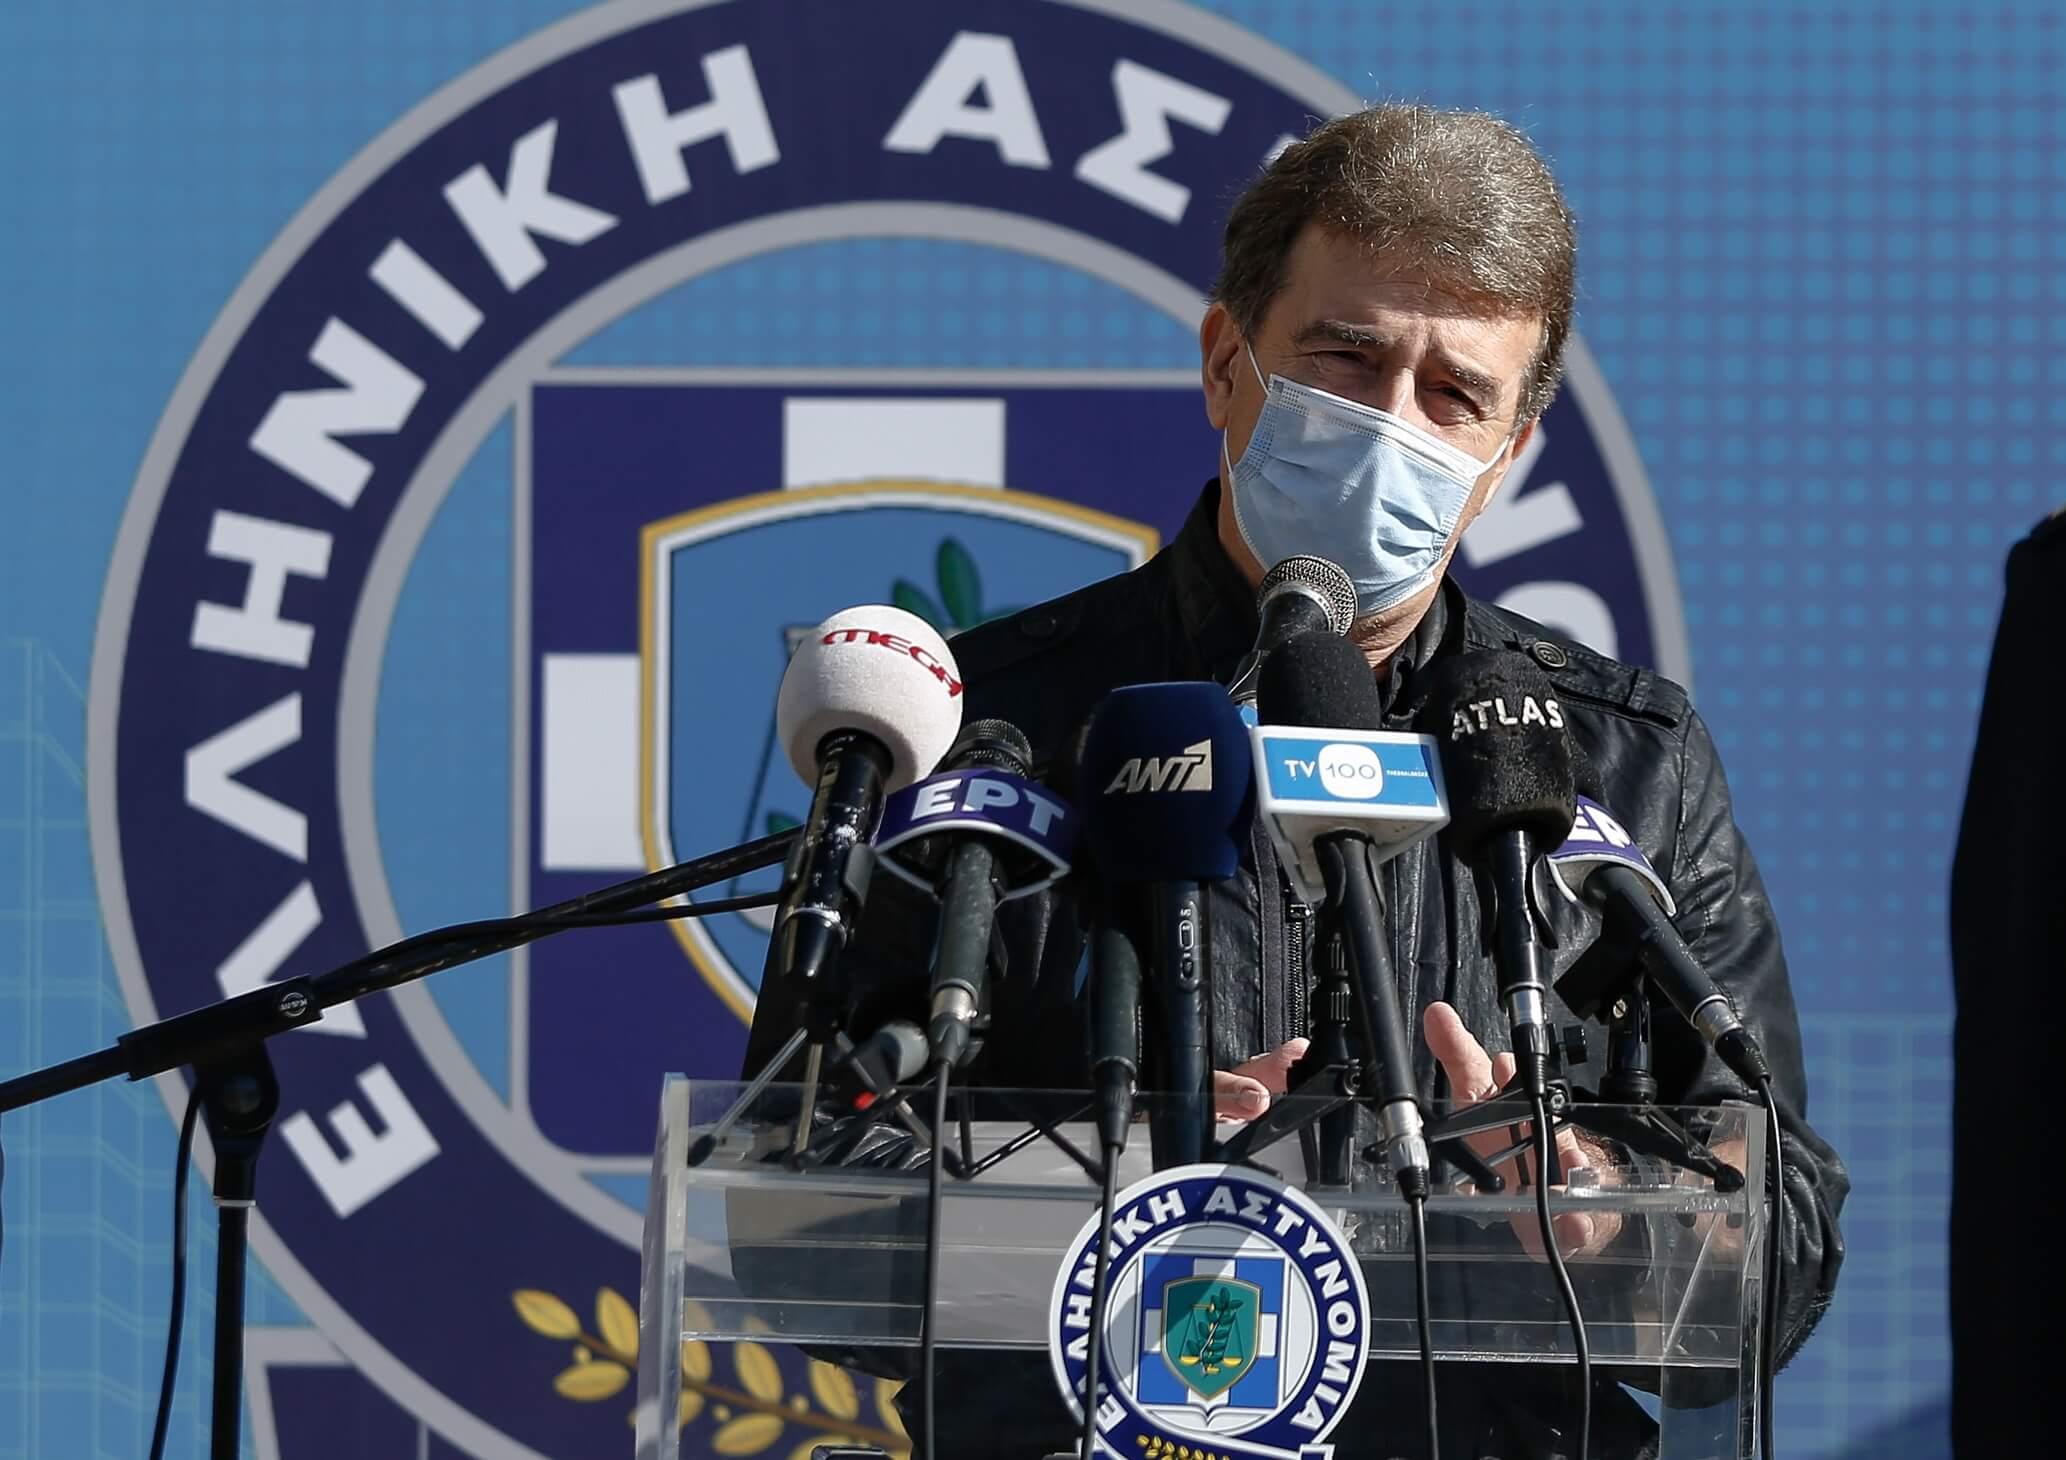 Τεράστια επιτυχία για την Ελληνική Αστυνομία και τον Μιχάλη Χρυσοχοϊδη